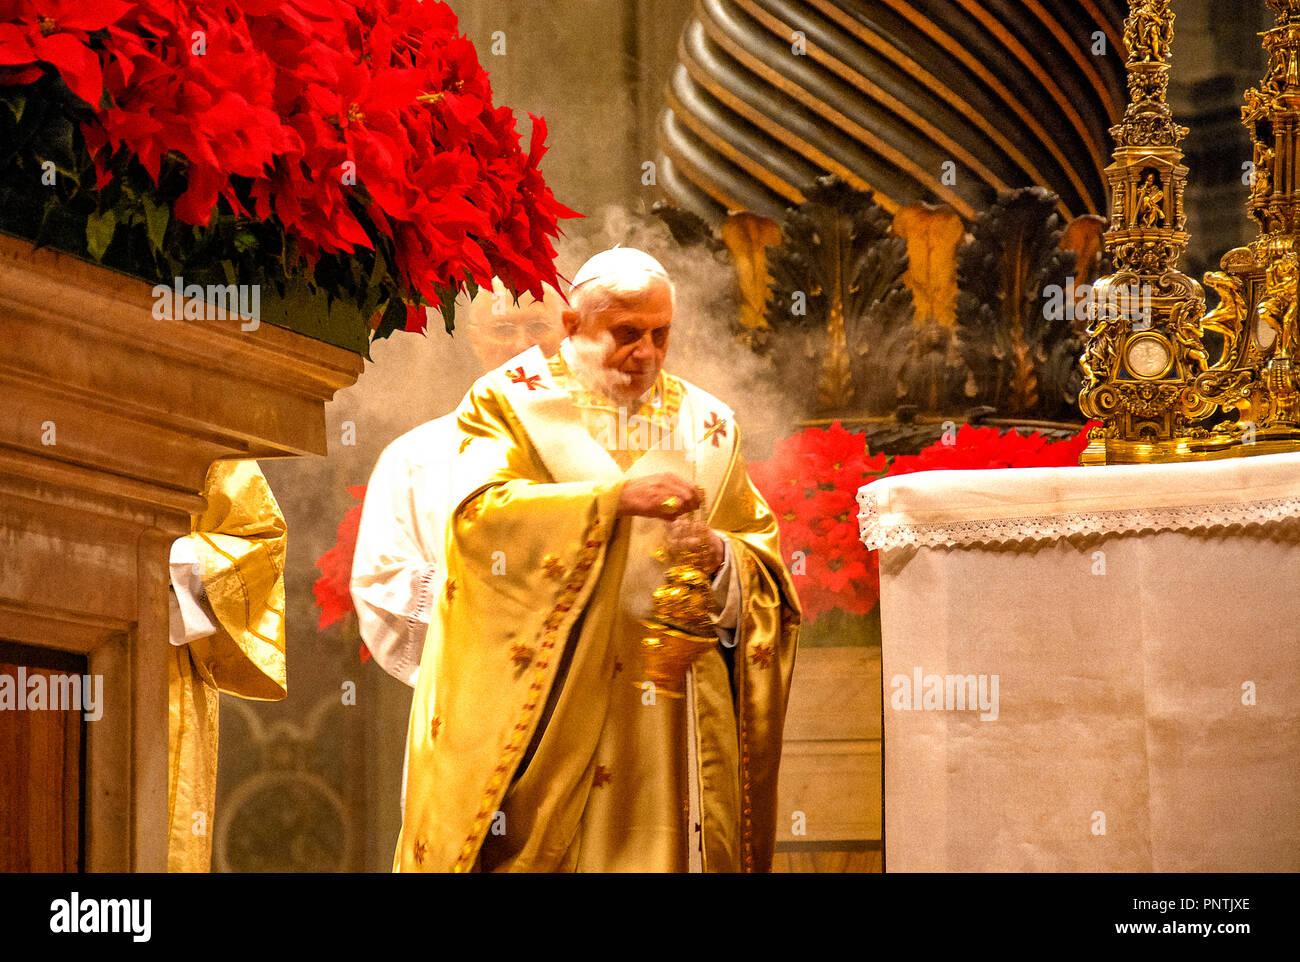 pope Benedict XVI - Stock Image